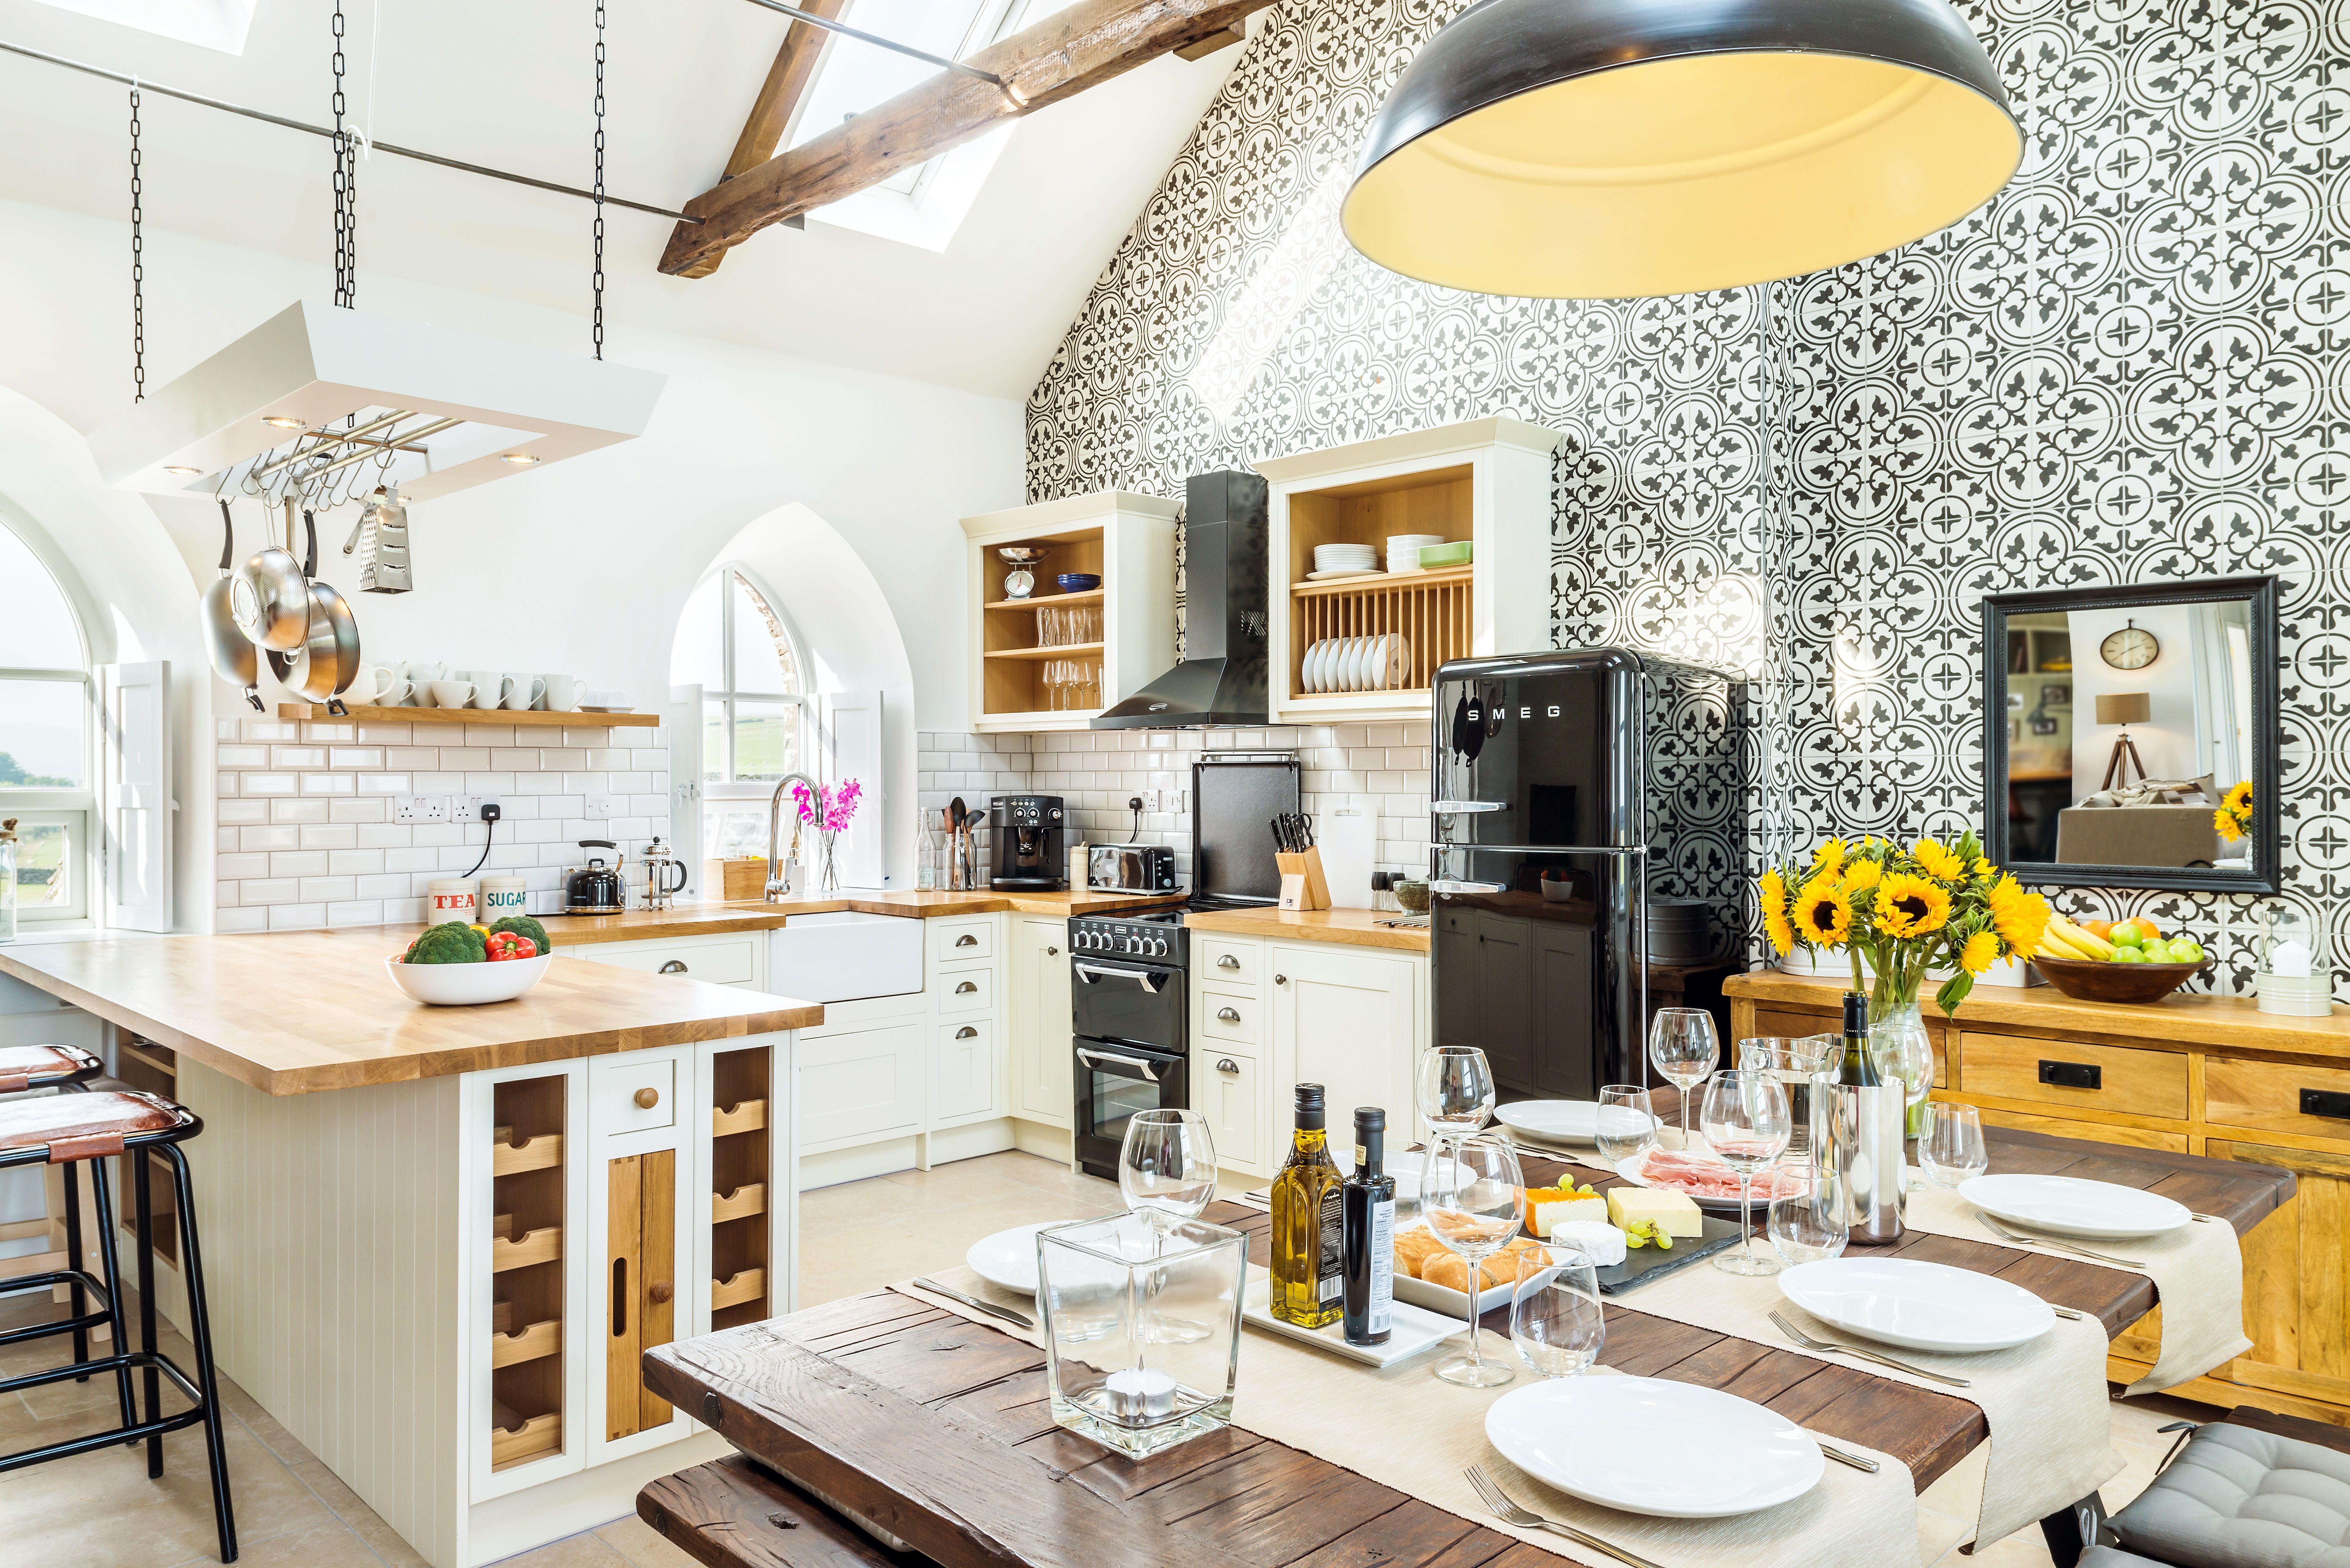 Beste Küchenplaner Uk Galerie - Ideen Für Die Küche Dekoration ...